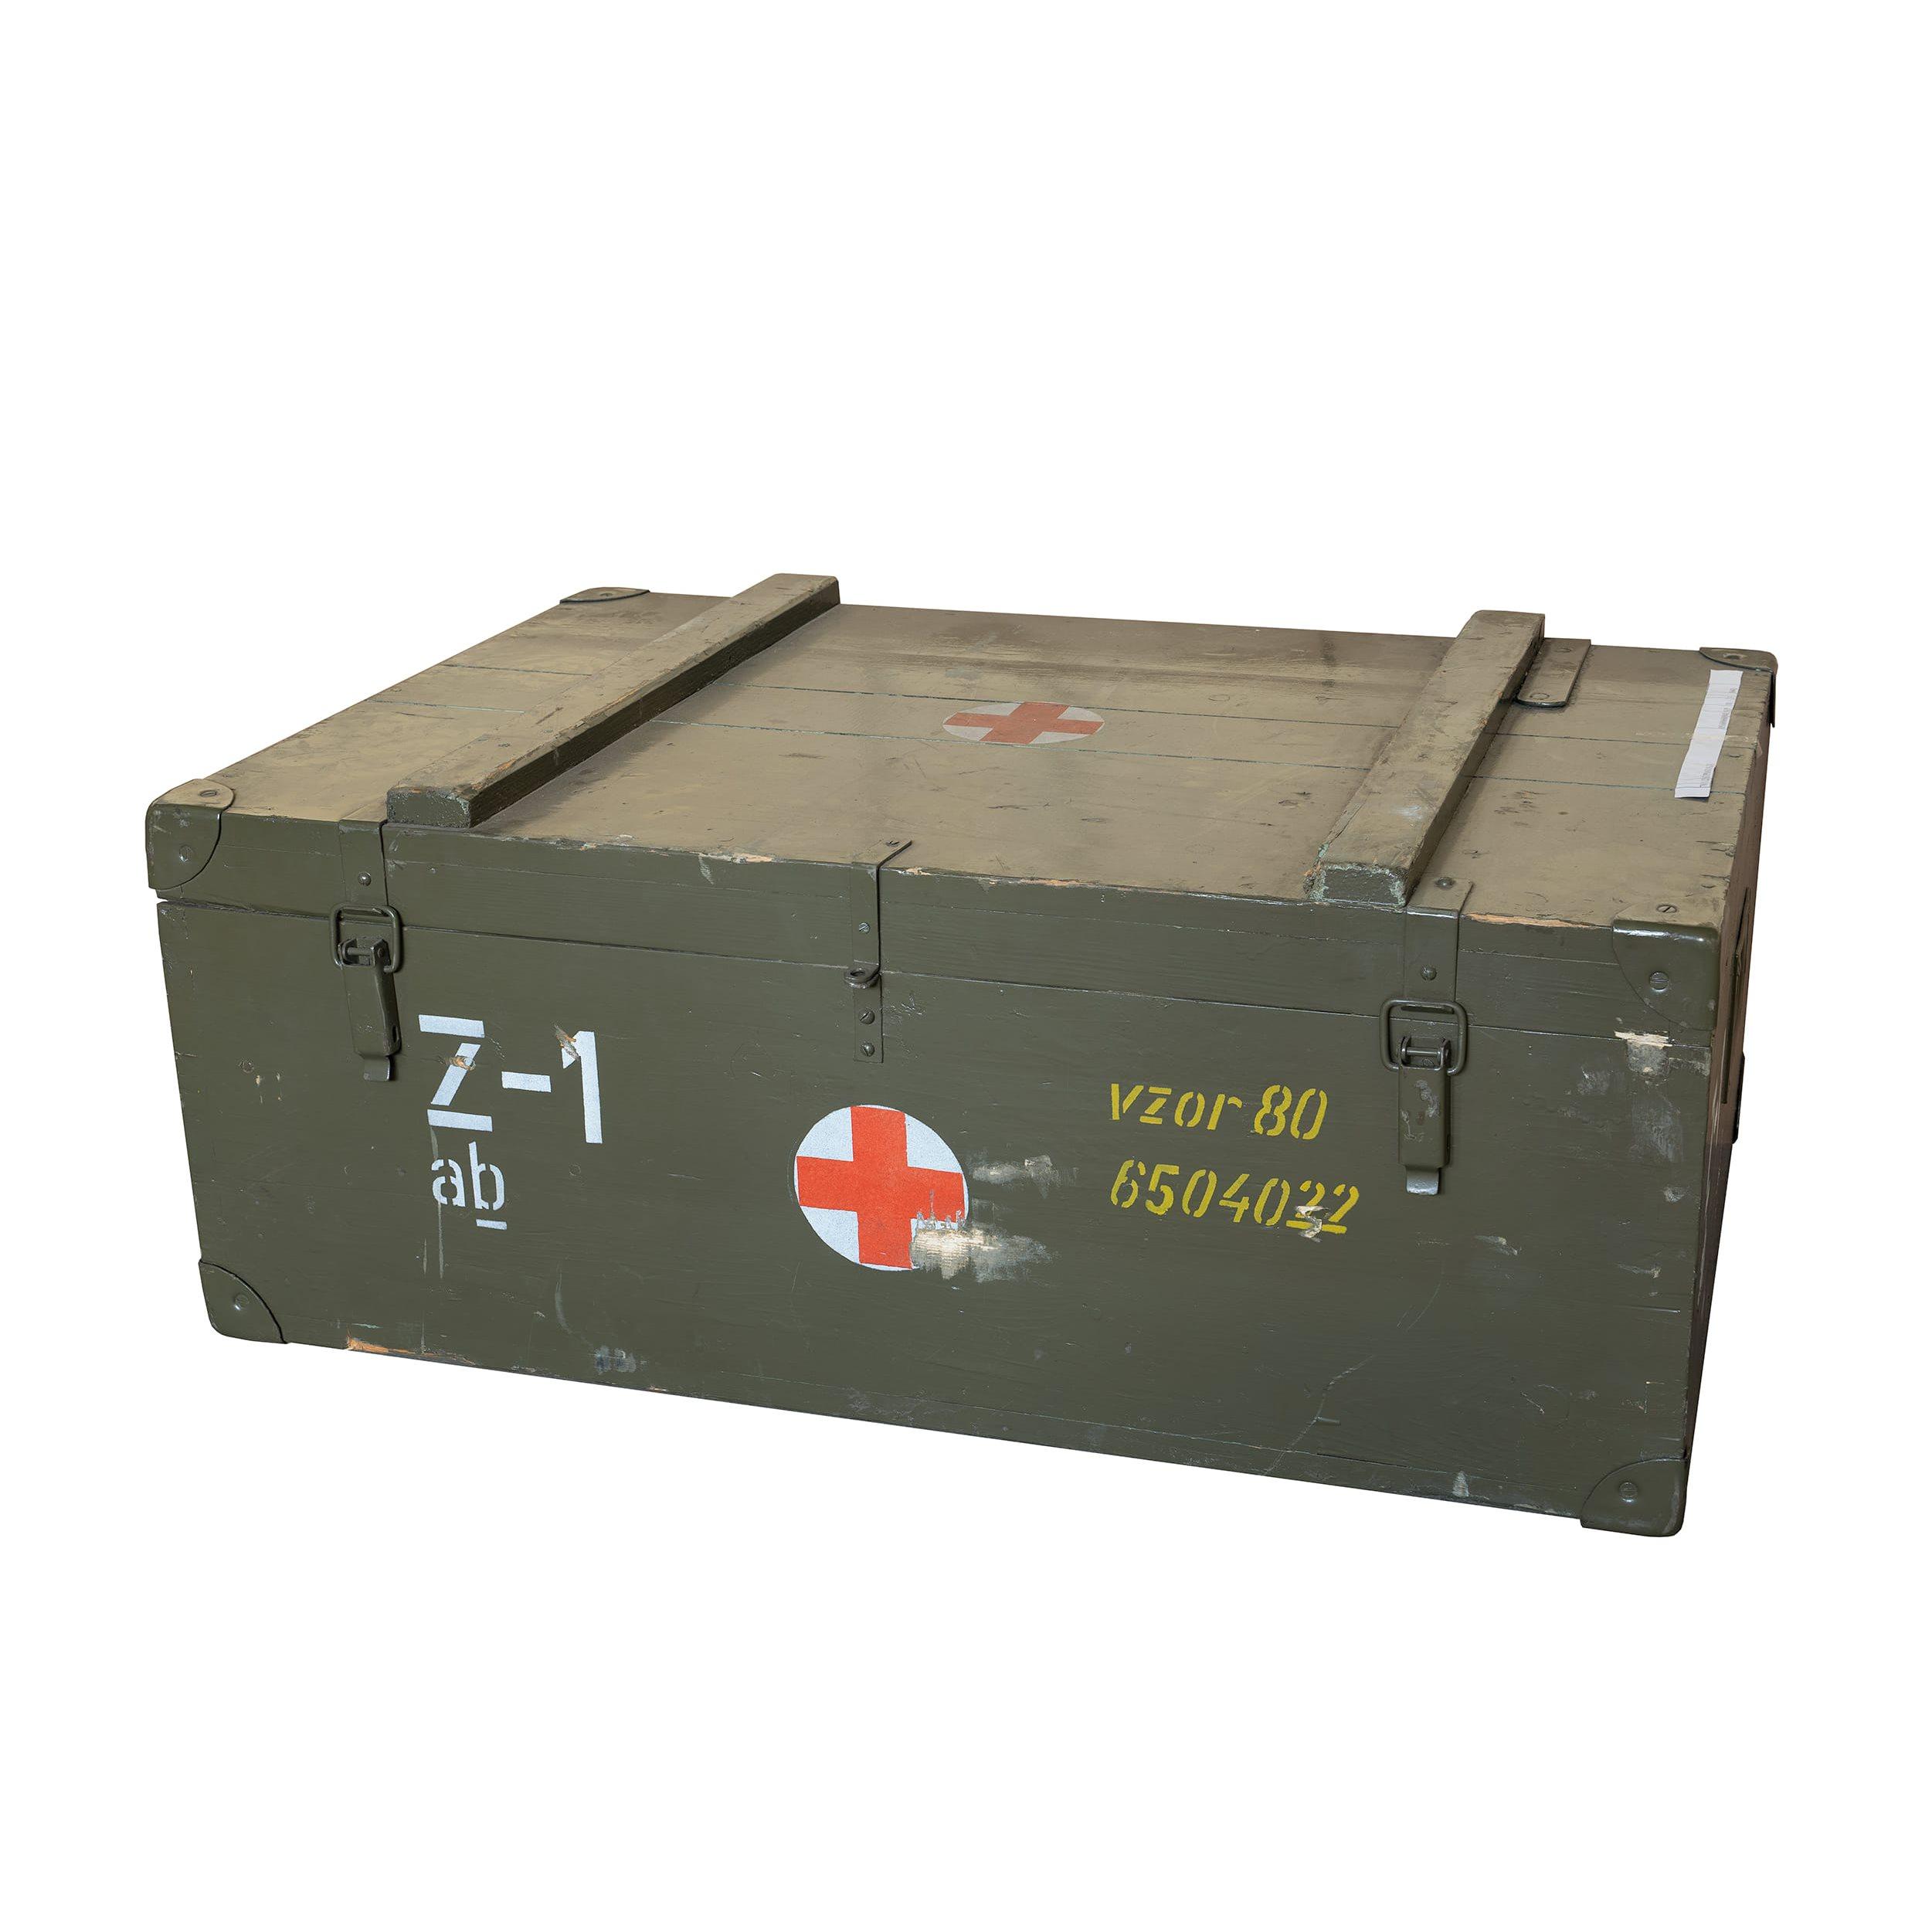 Křeslo zubařské skládací polní v bedně Z-1 Armáda ČR 87027-Z-1 L-11